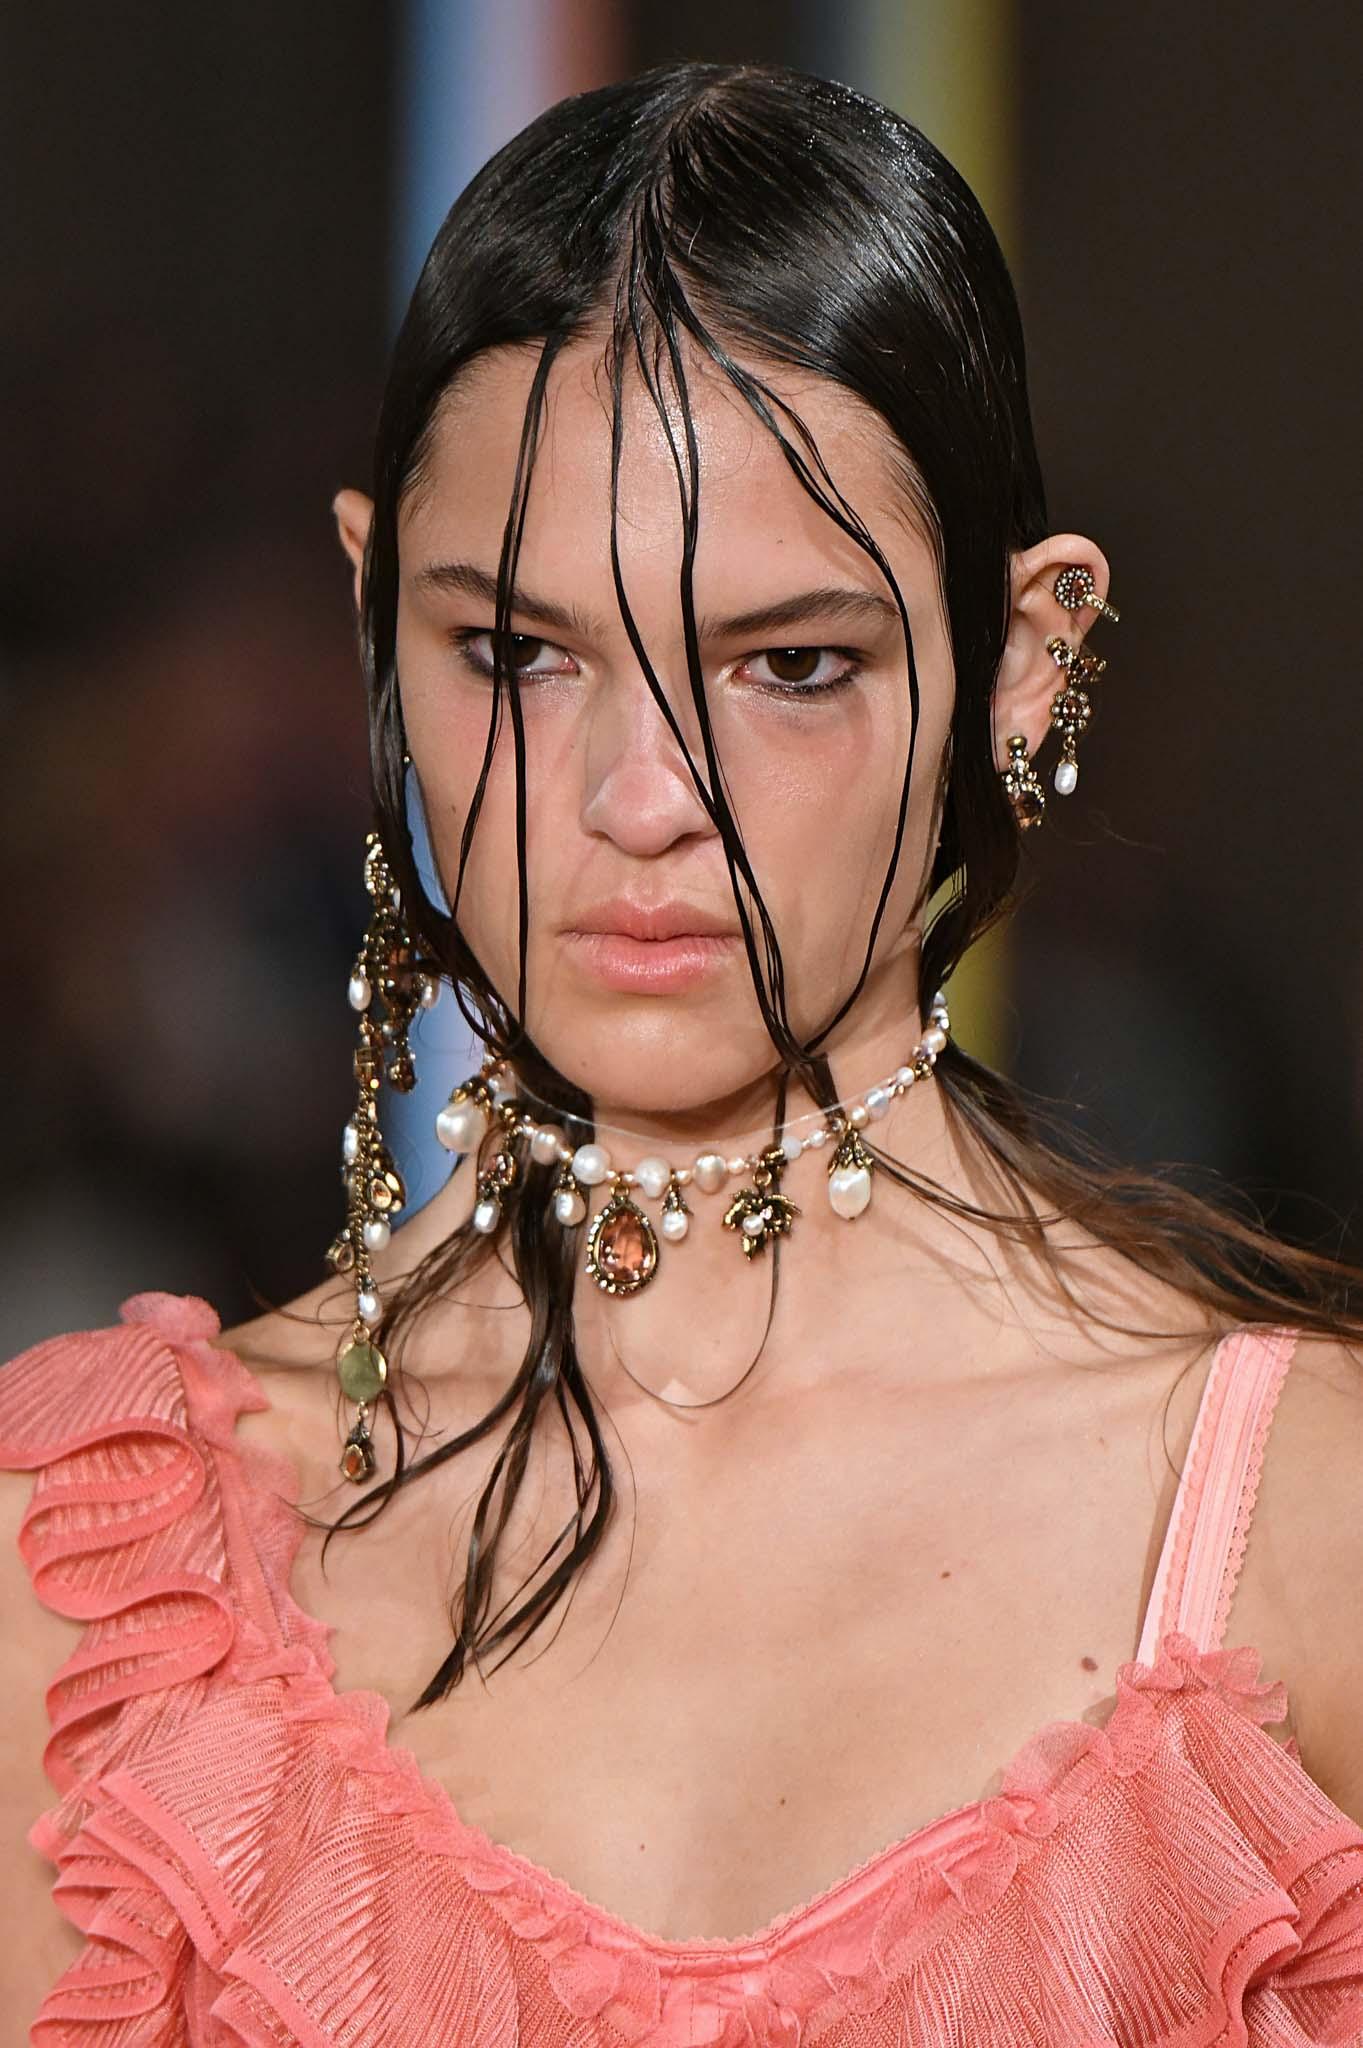 recogido wet sucio mechones en la cara collar de perlas mcqueen